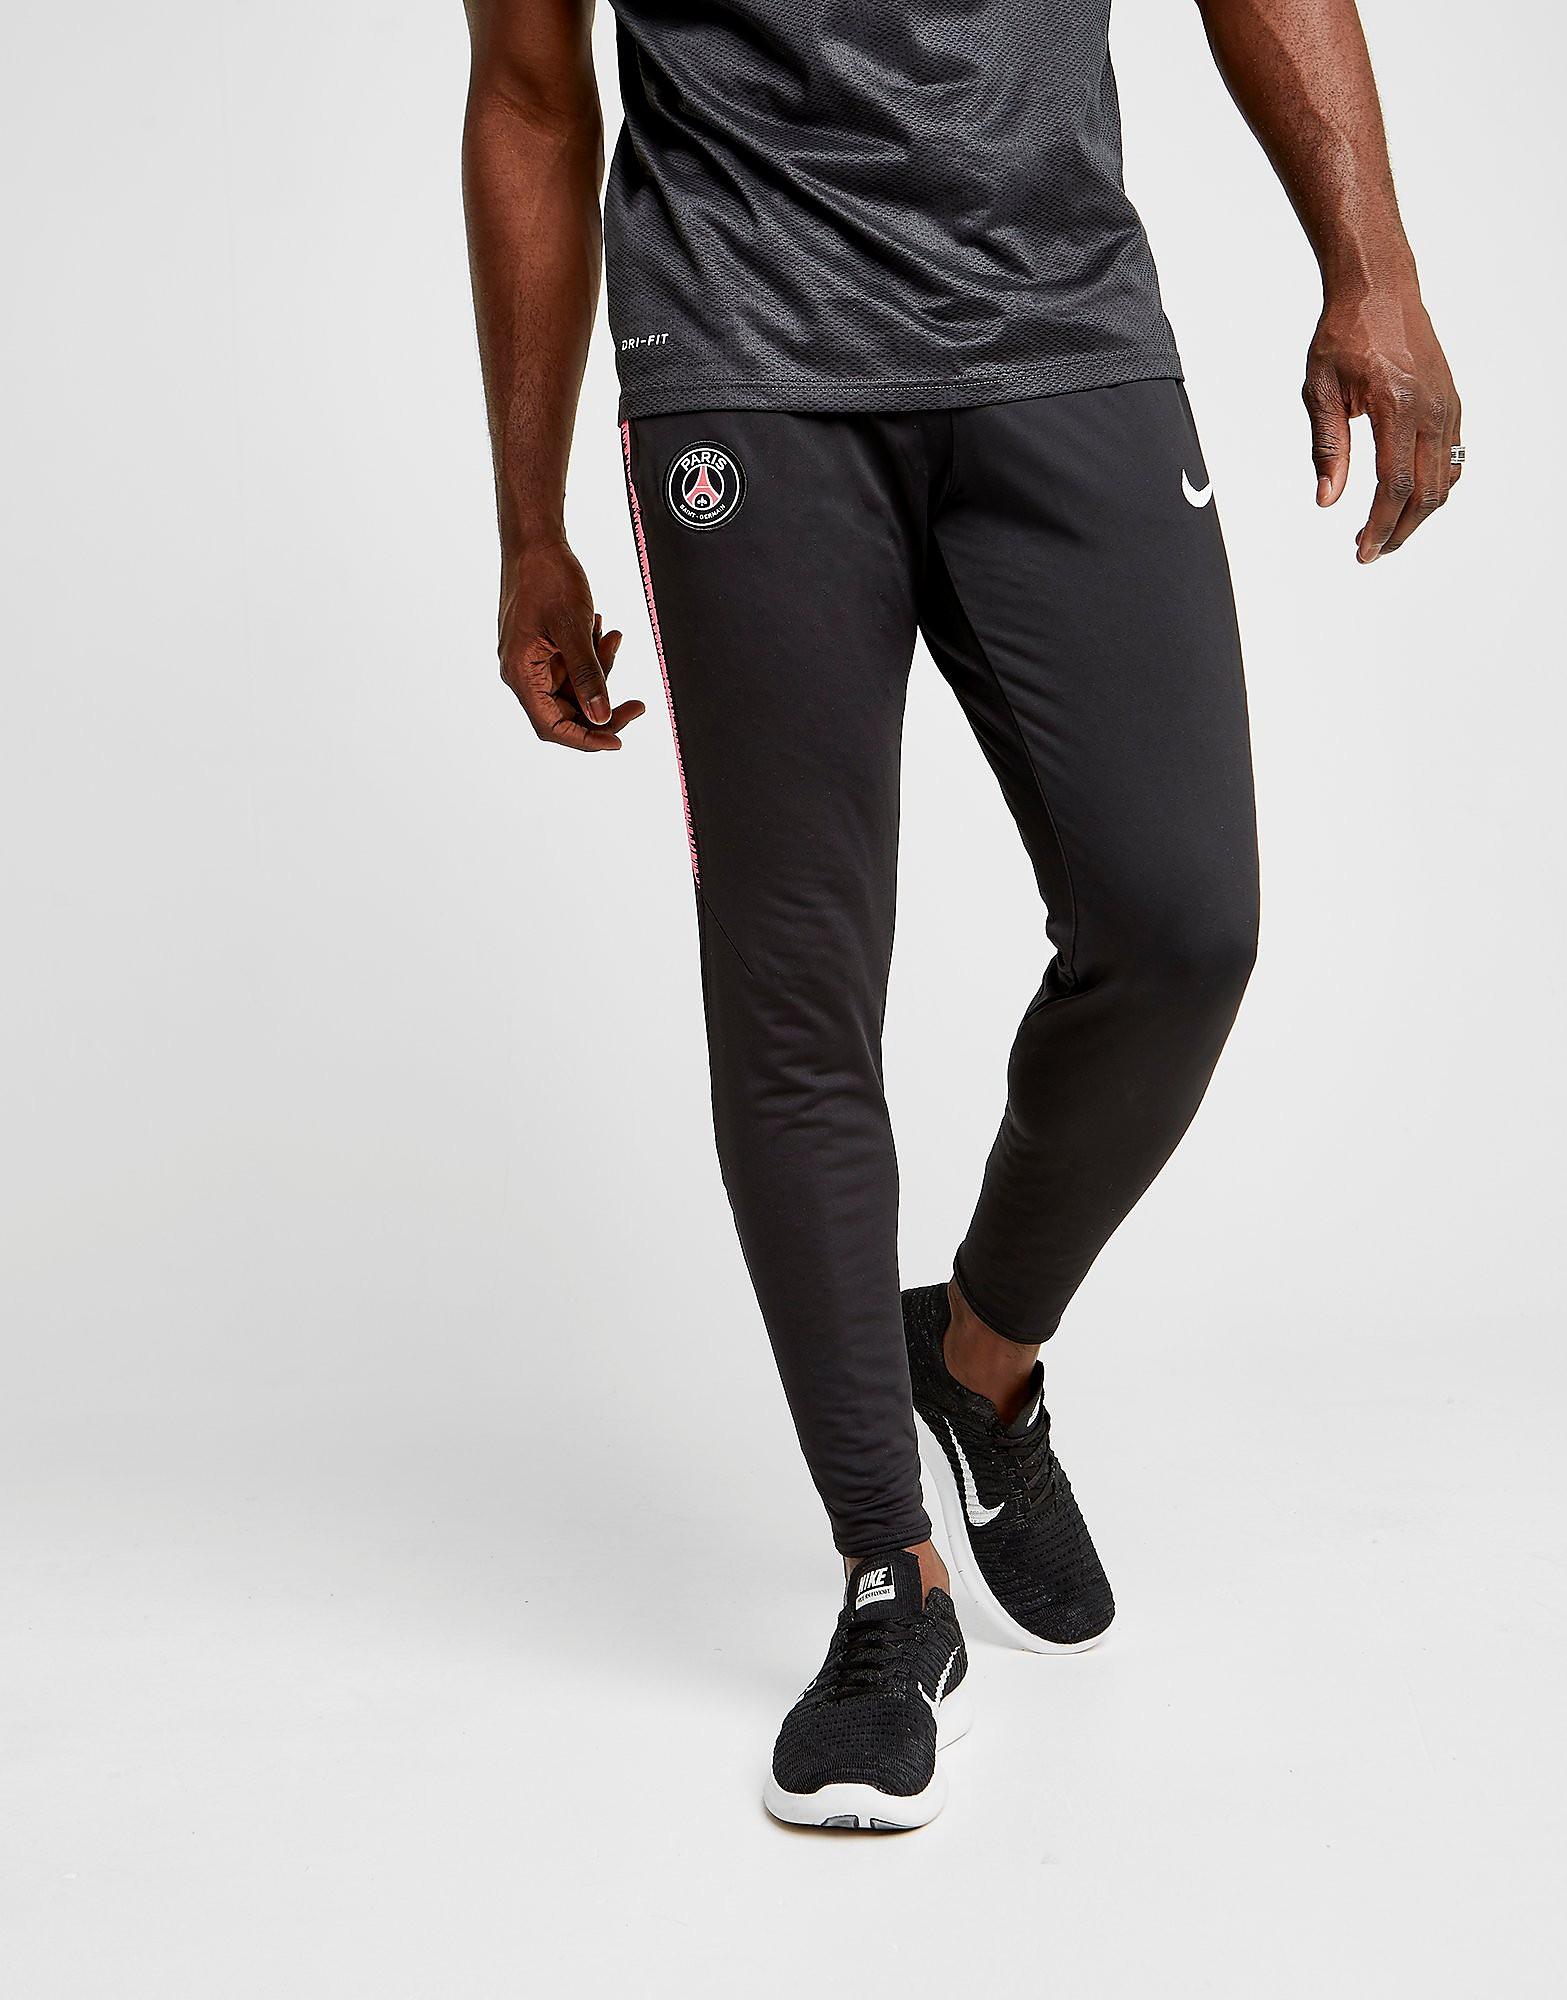 Nike Pantalon de suvêtement Paris Saint Germain 2018/19 Homme